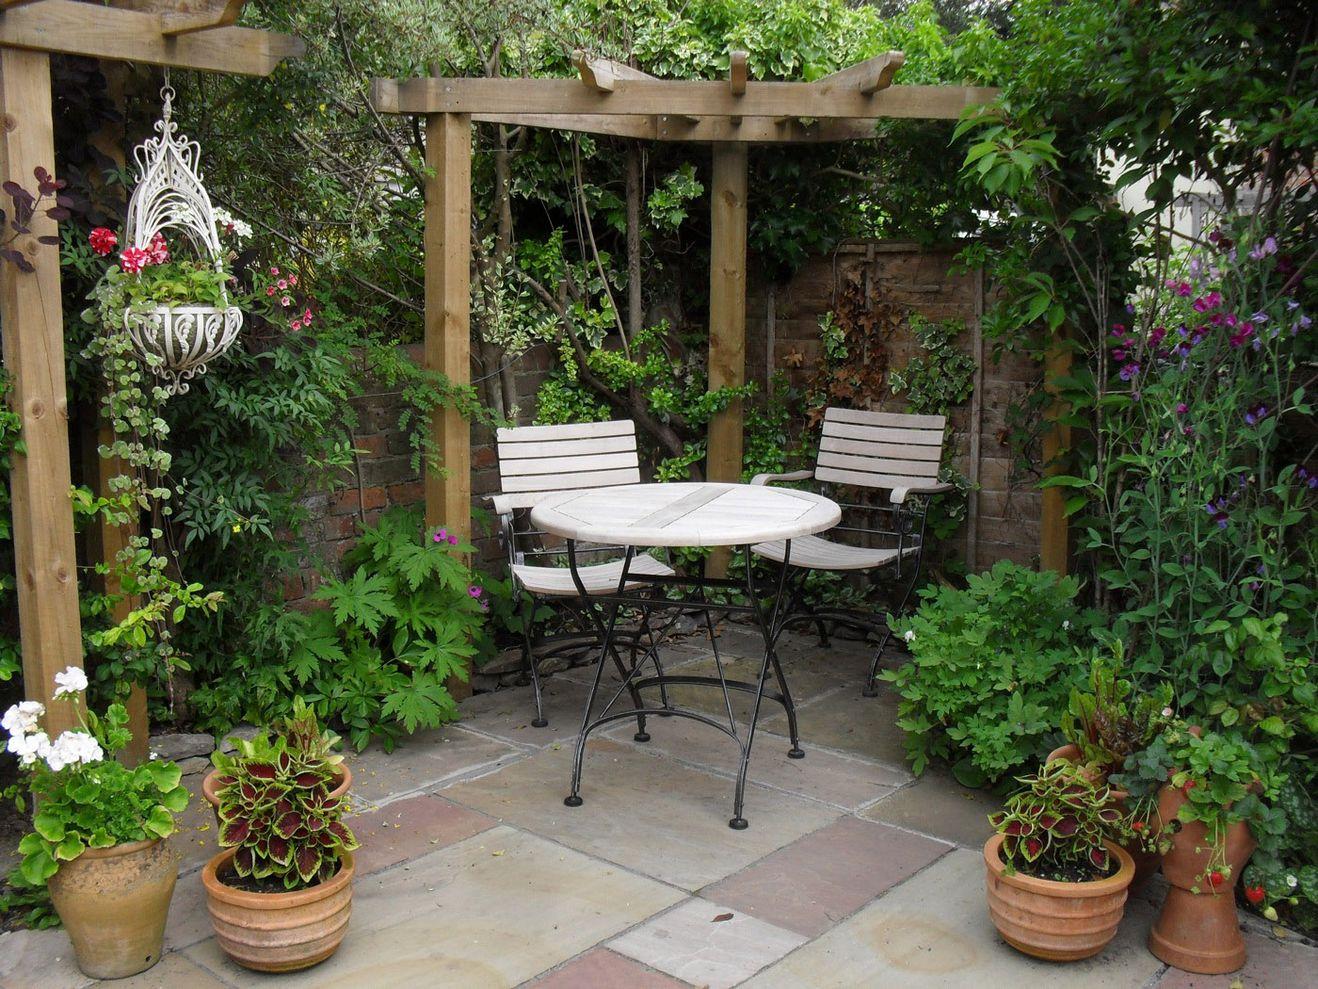 Cute and simple tiny patio garden ideas 14